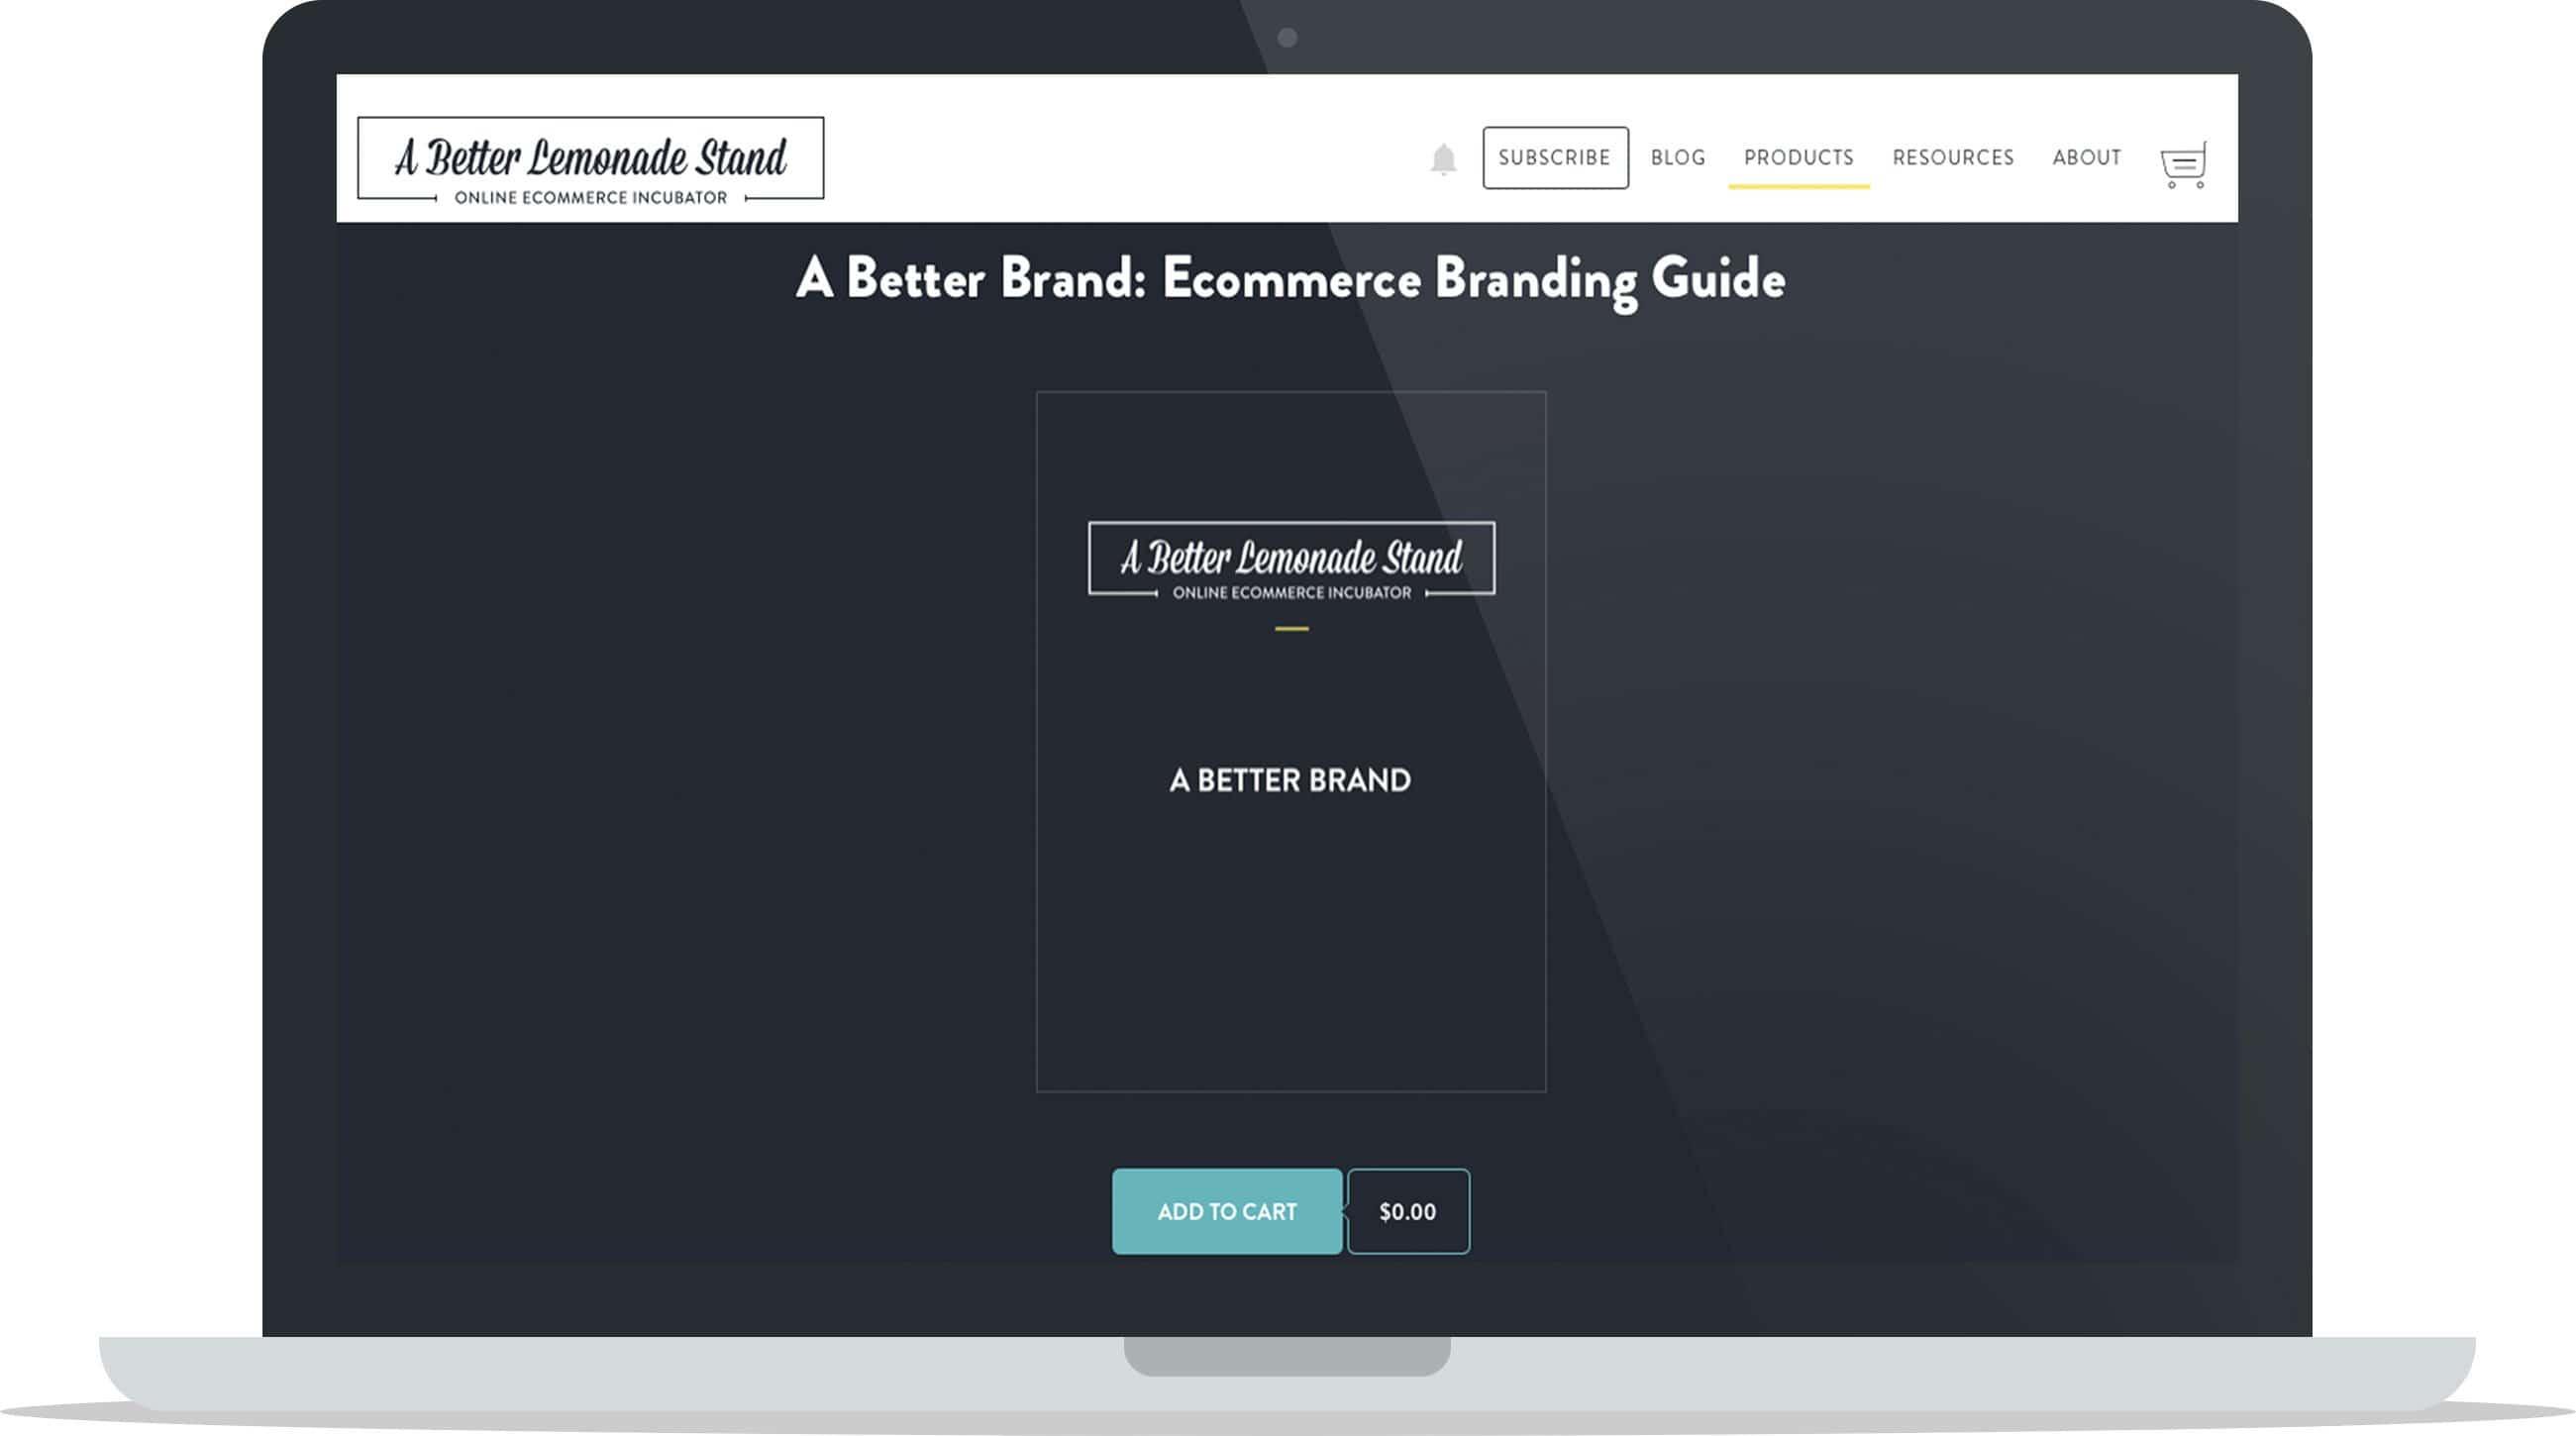 Ecommerce Branding Guide